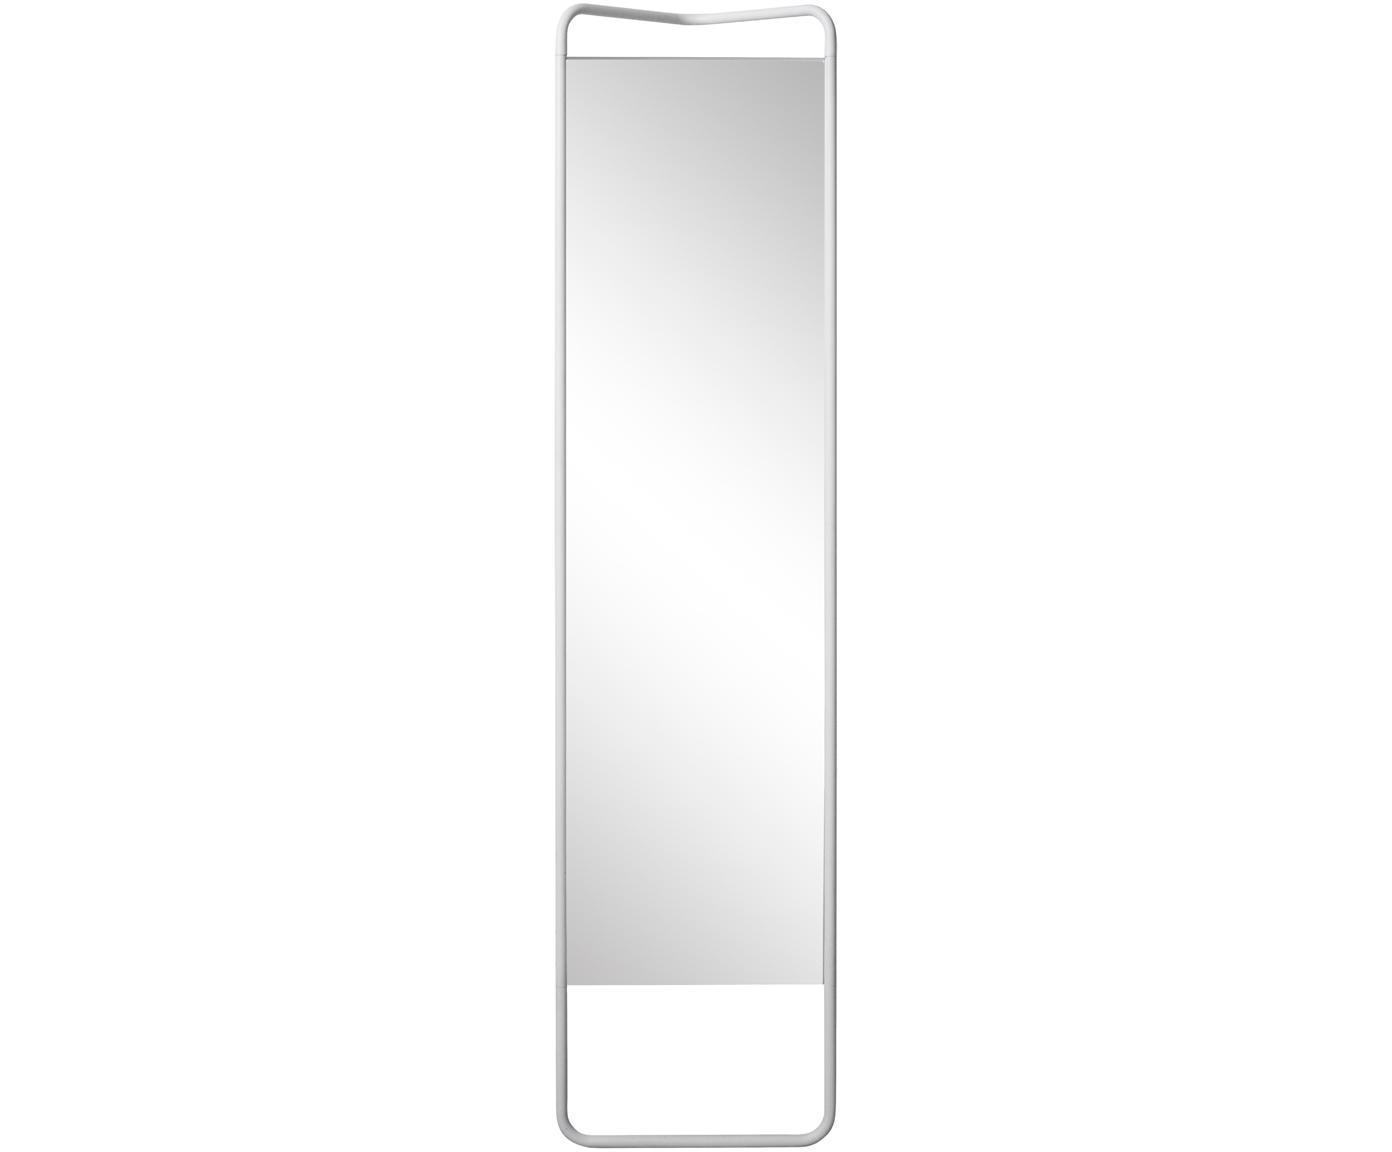 Kwadratowe lustro stojące Kasch, Biały, S 42 x W 175 cm